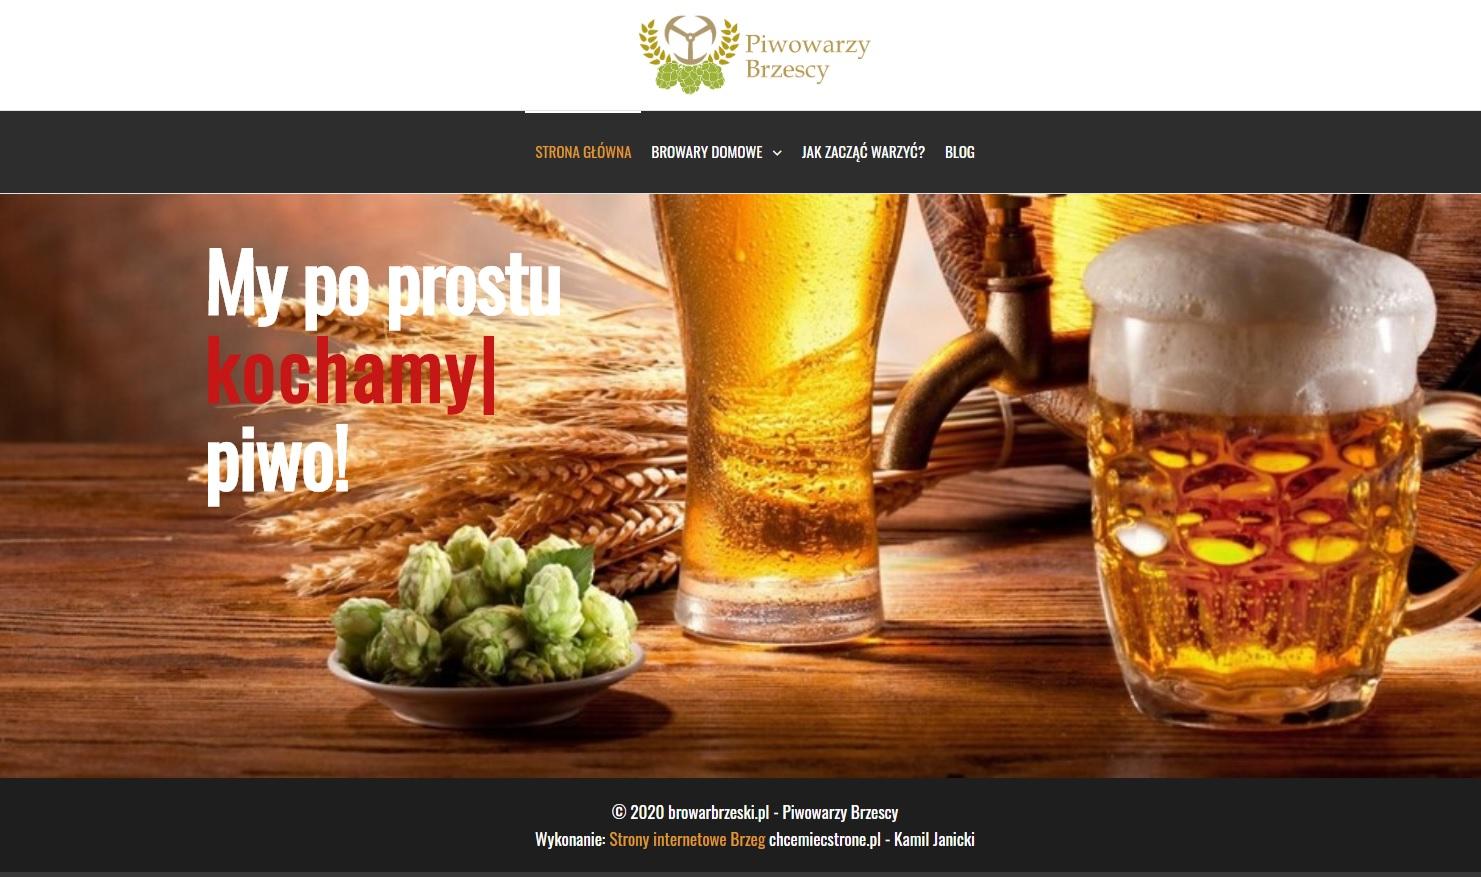 browar brzeski brzescy piwowarzy